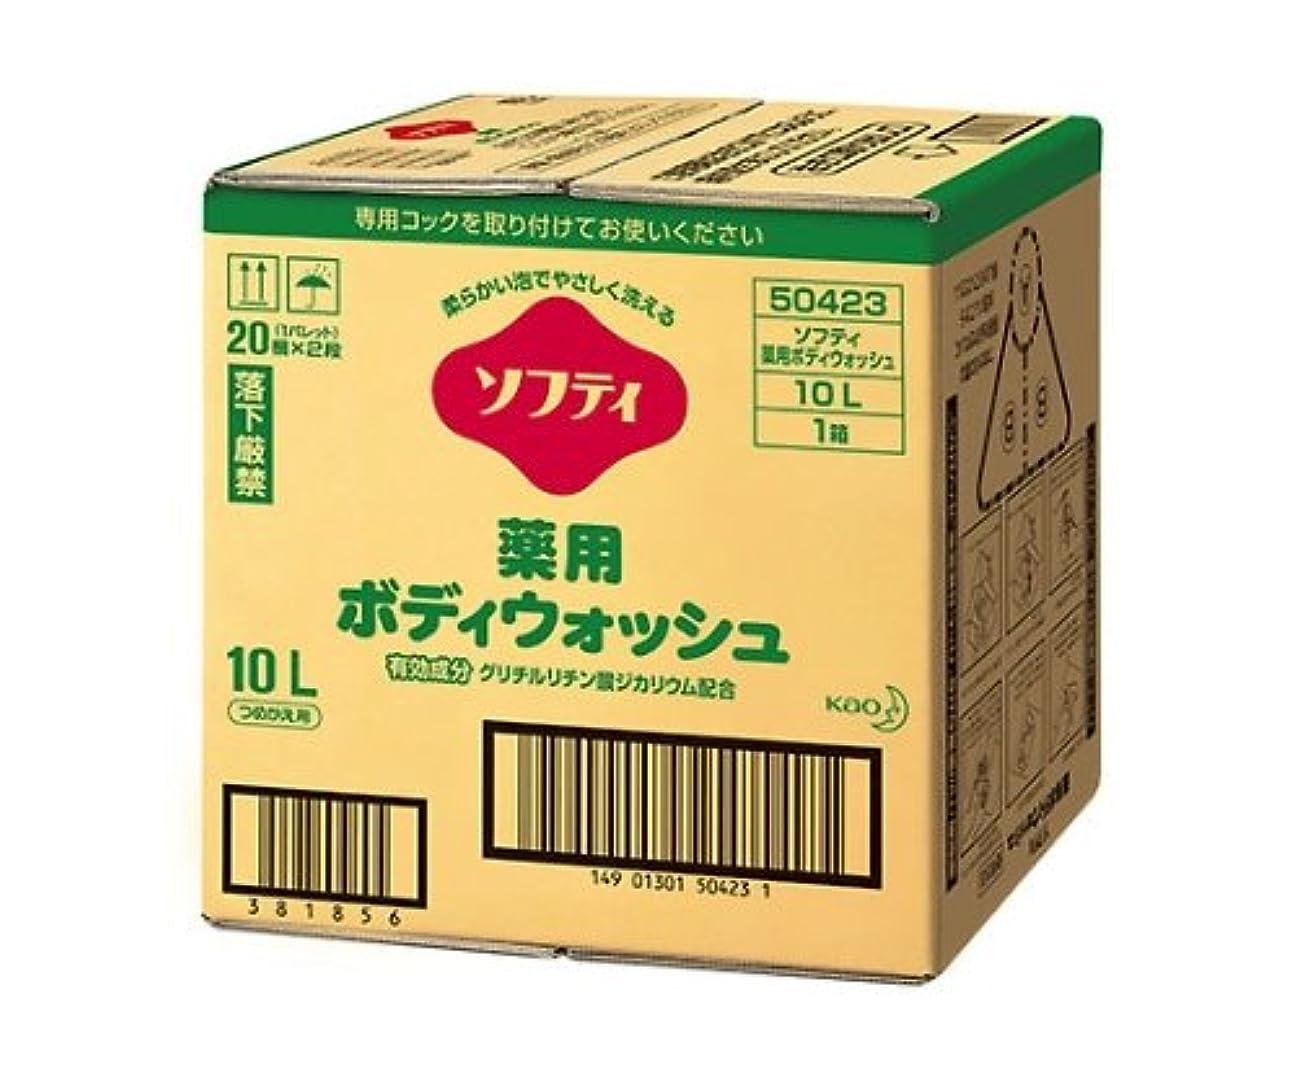 九陰謀羨望花王61-8510-03ソフティ薬用ボディウォッシュ10Lバッグインボックスタイプ介護用